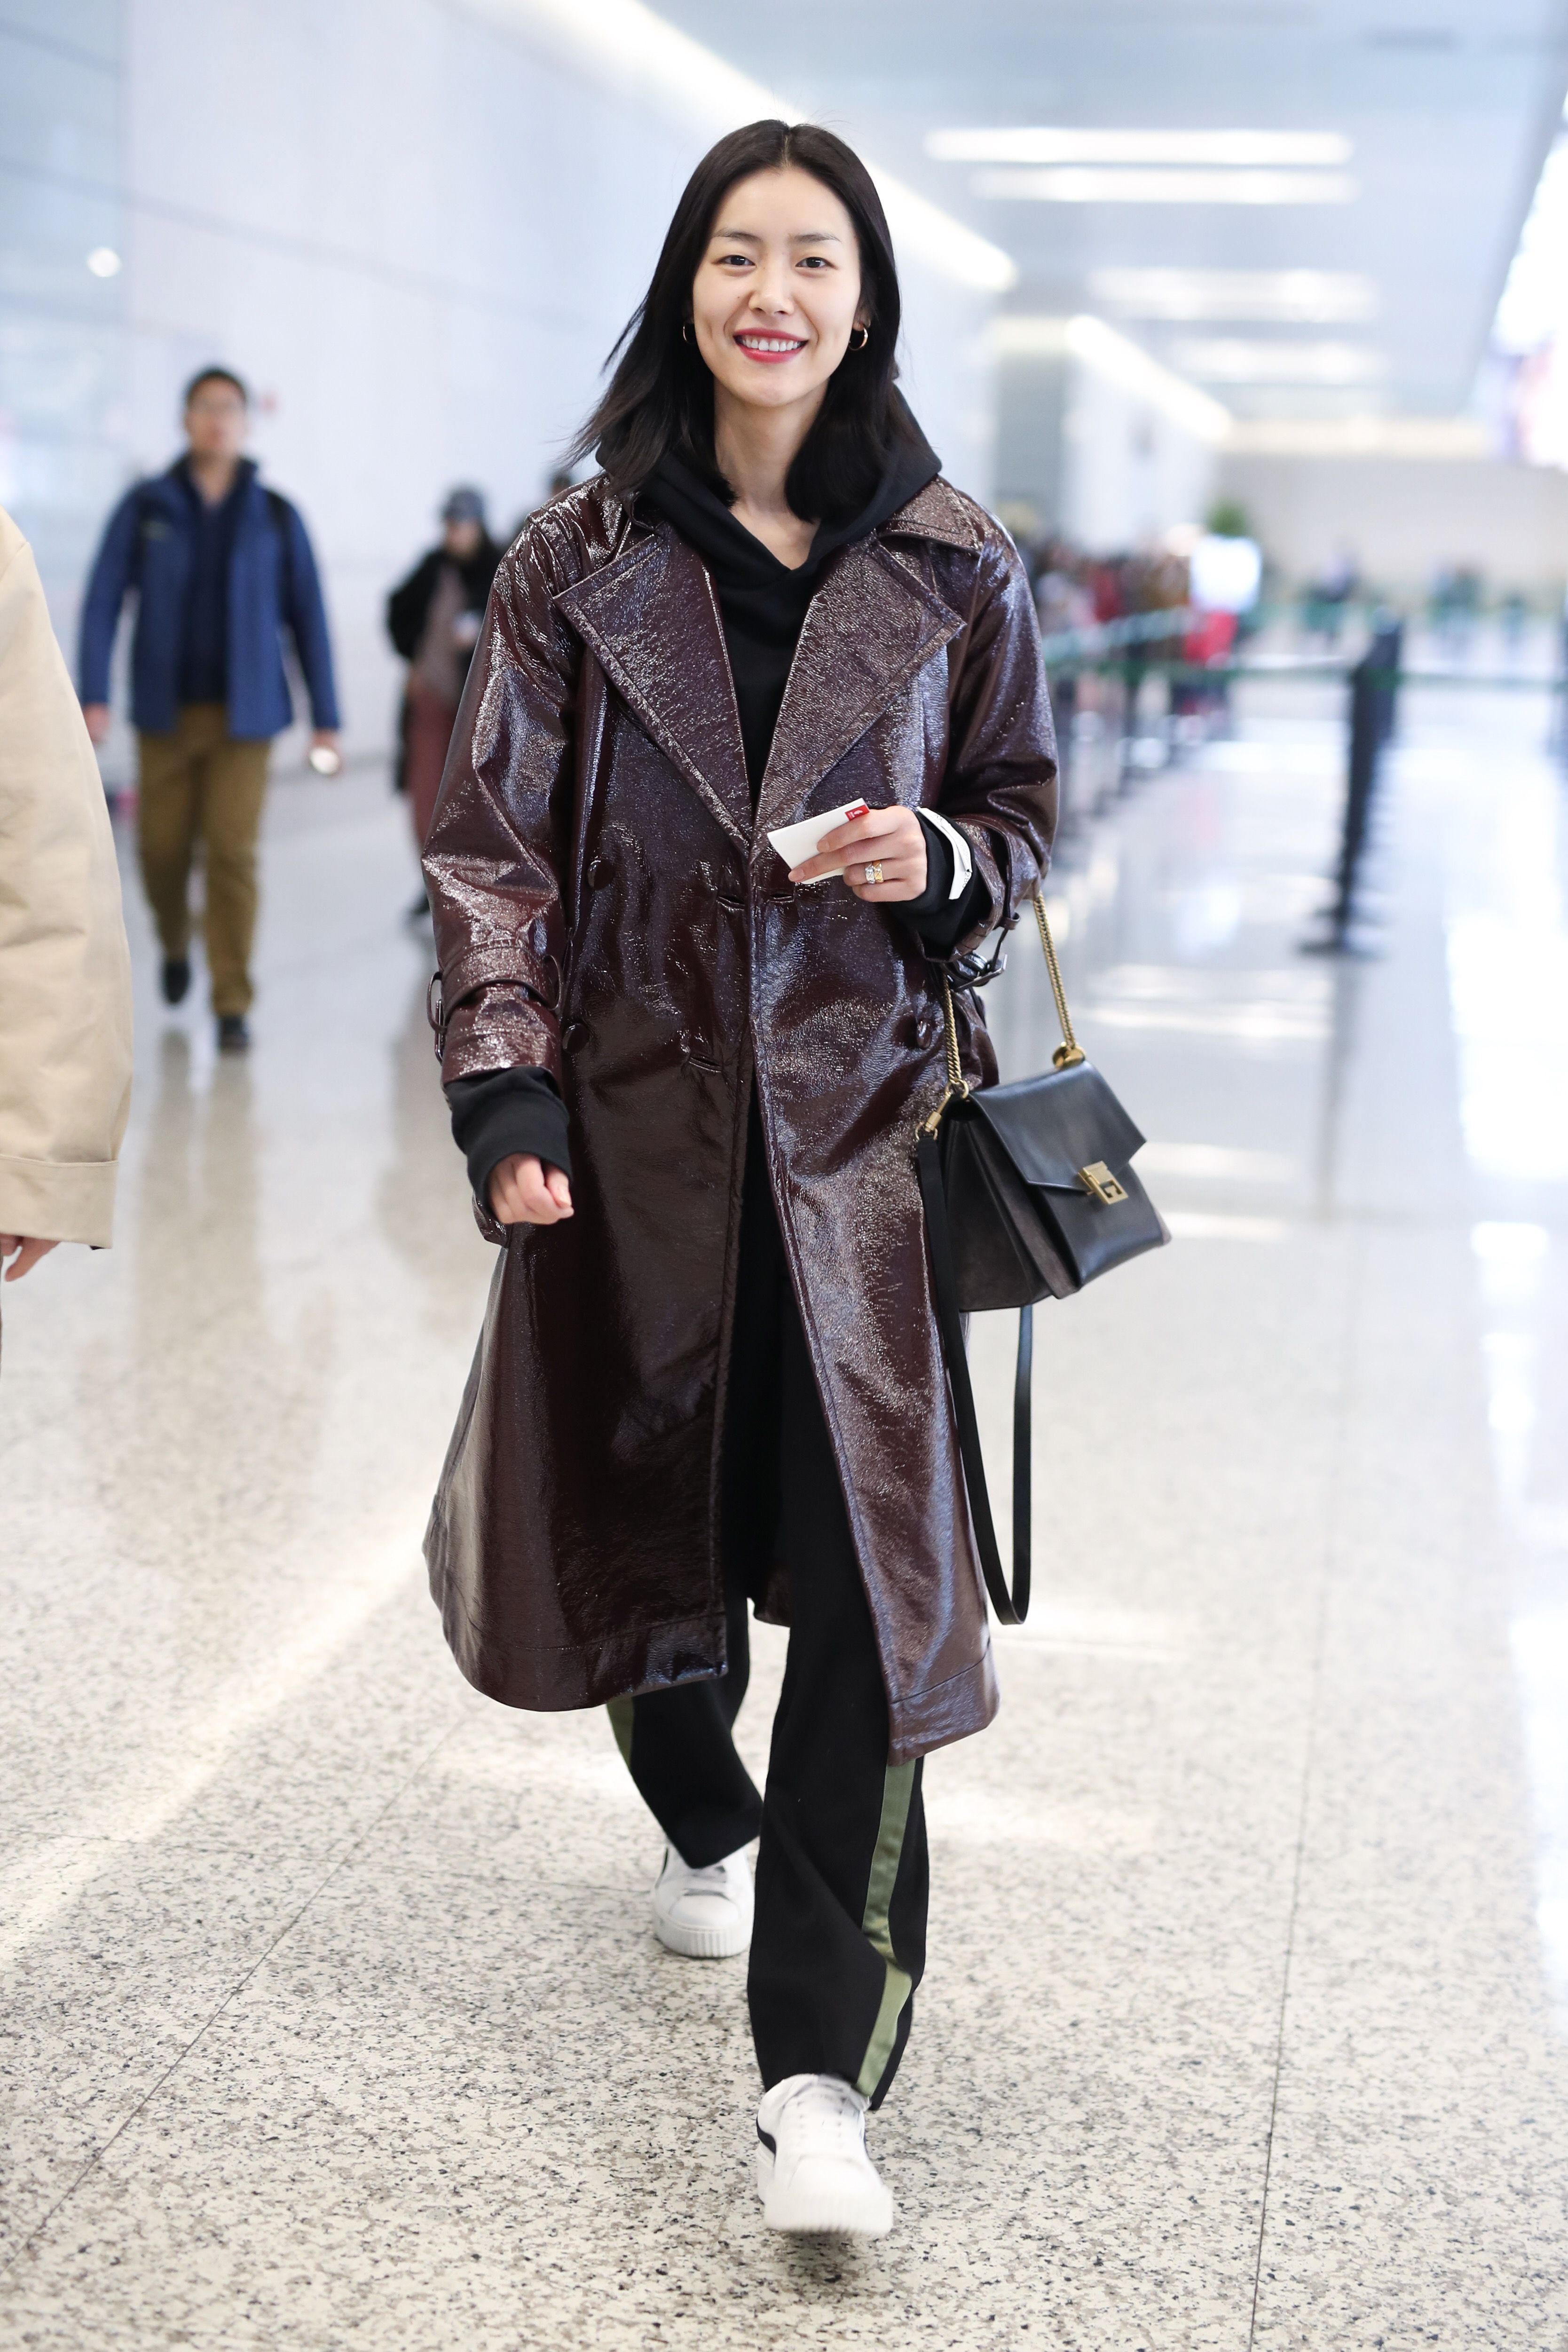 皮衣到底怎麼挑?從穿搭初心者到時髦高段班都適用的10位名人皮衣穿搭術 - Yahoo奇摩時尚美妝